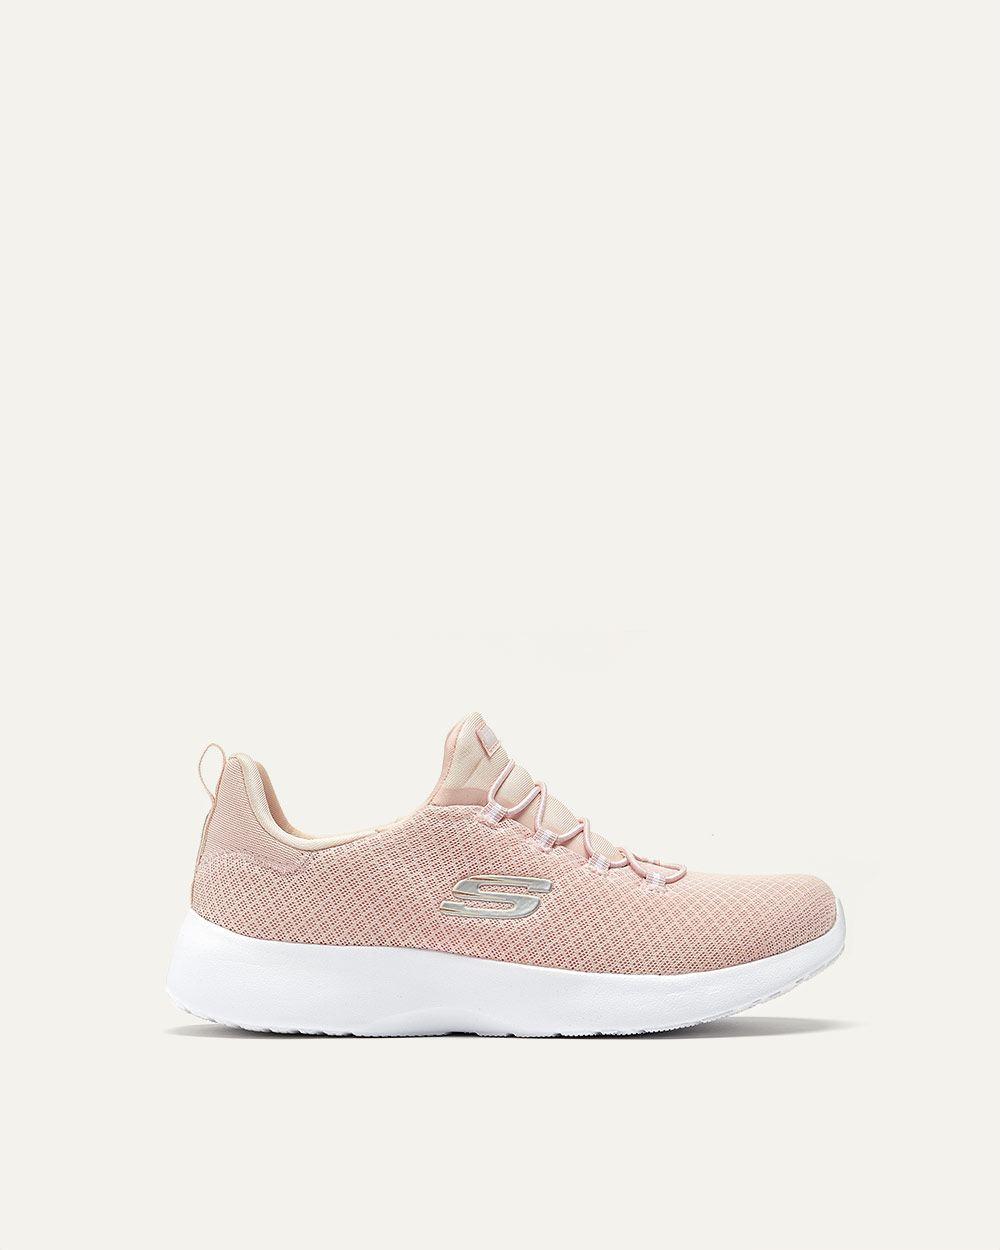 Skechers Dynamight - Wide Width Mesh Sneakers